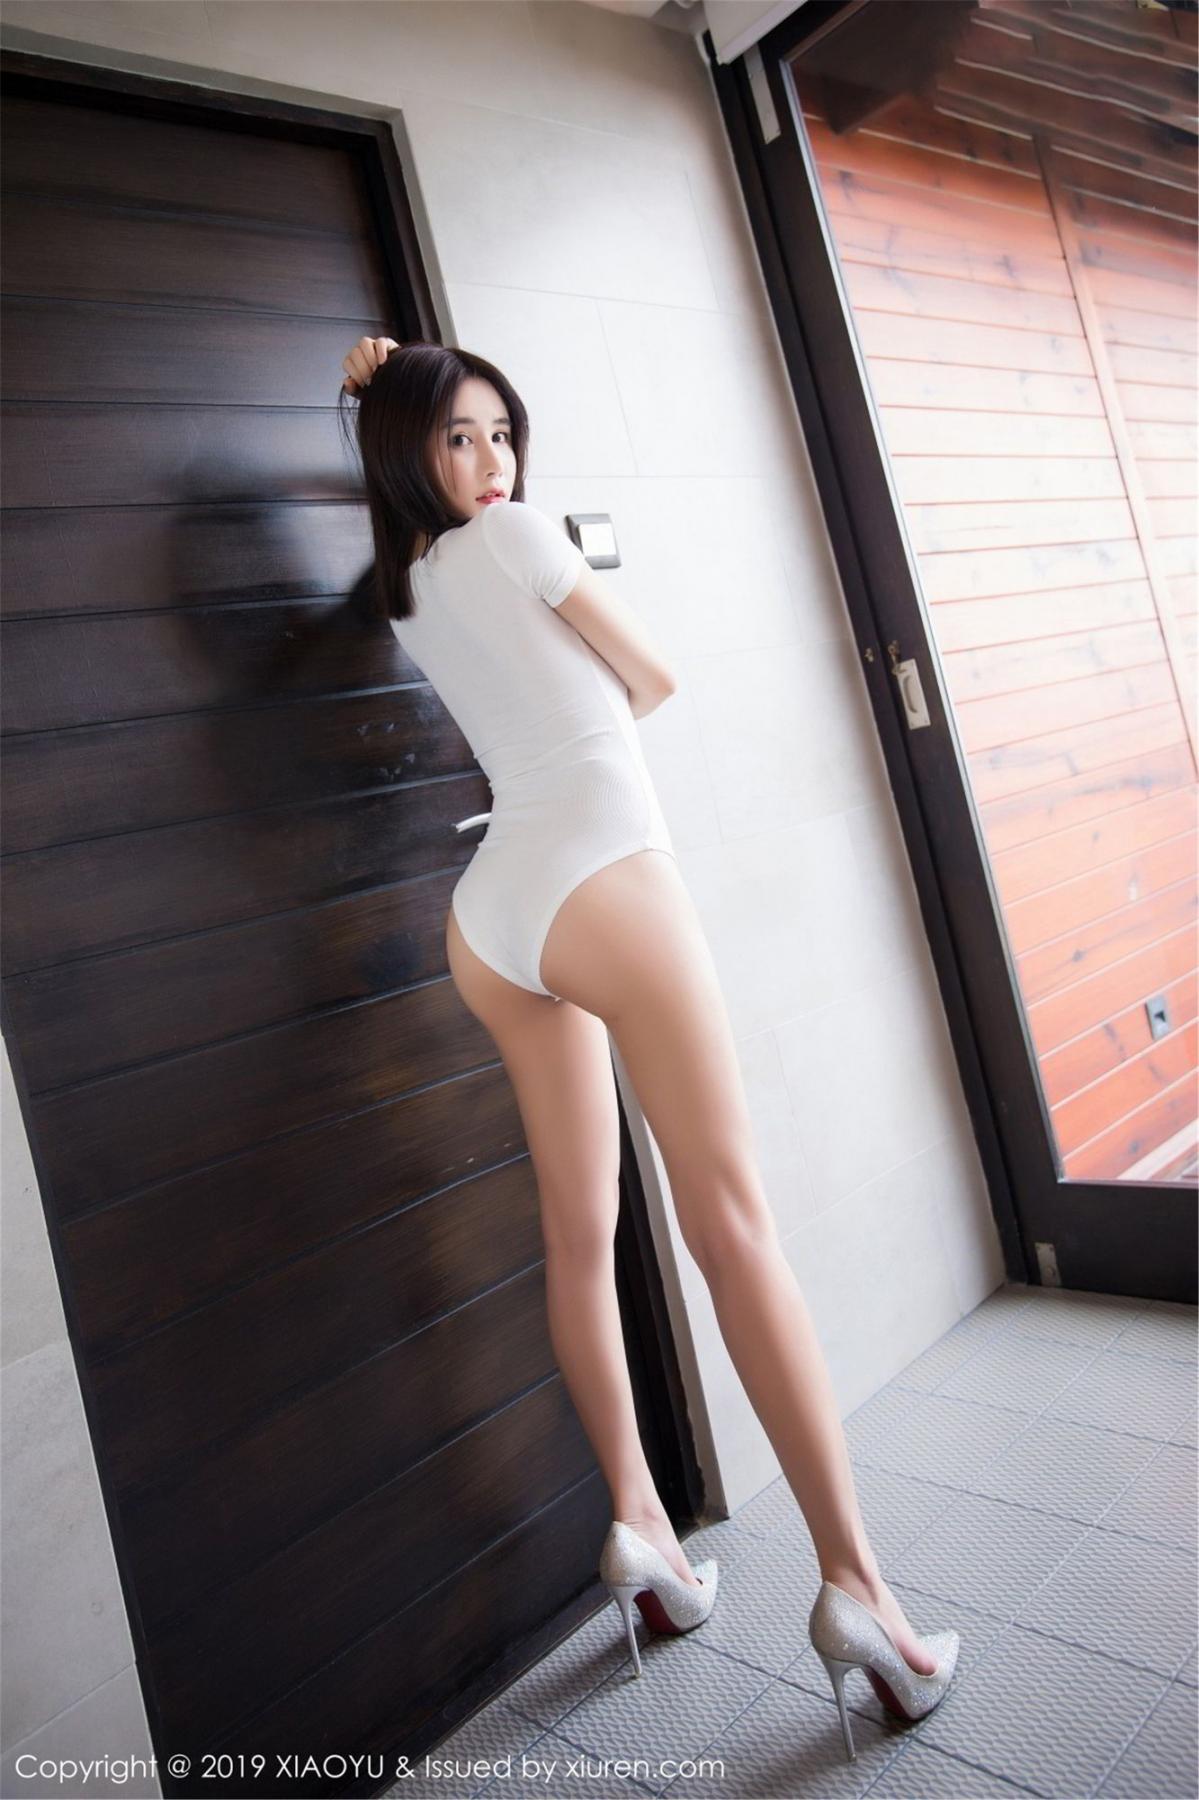 [XiaoYu] Vol.060 Xiao Mo Lin 23P, Bathroom, Lin Lin Ailin, Wet, XiaoYu